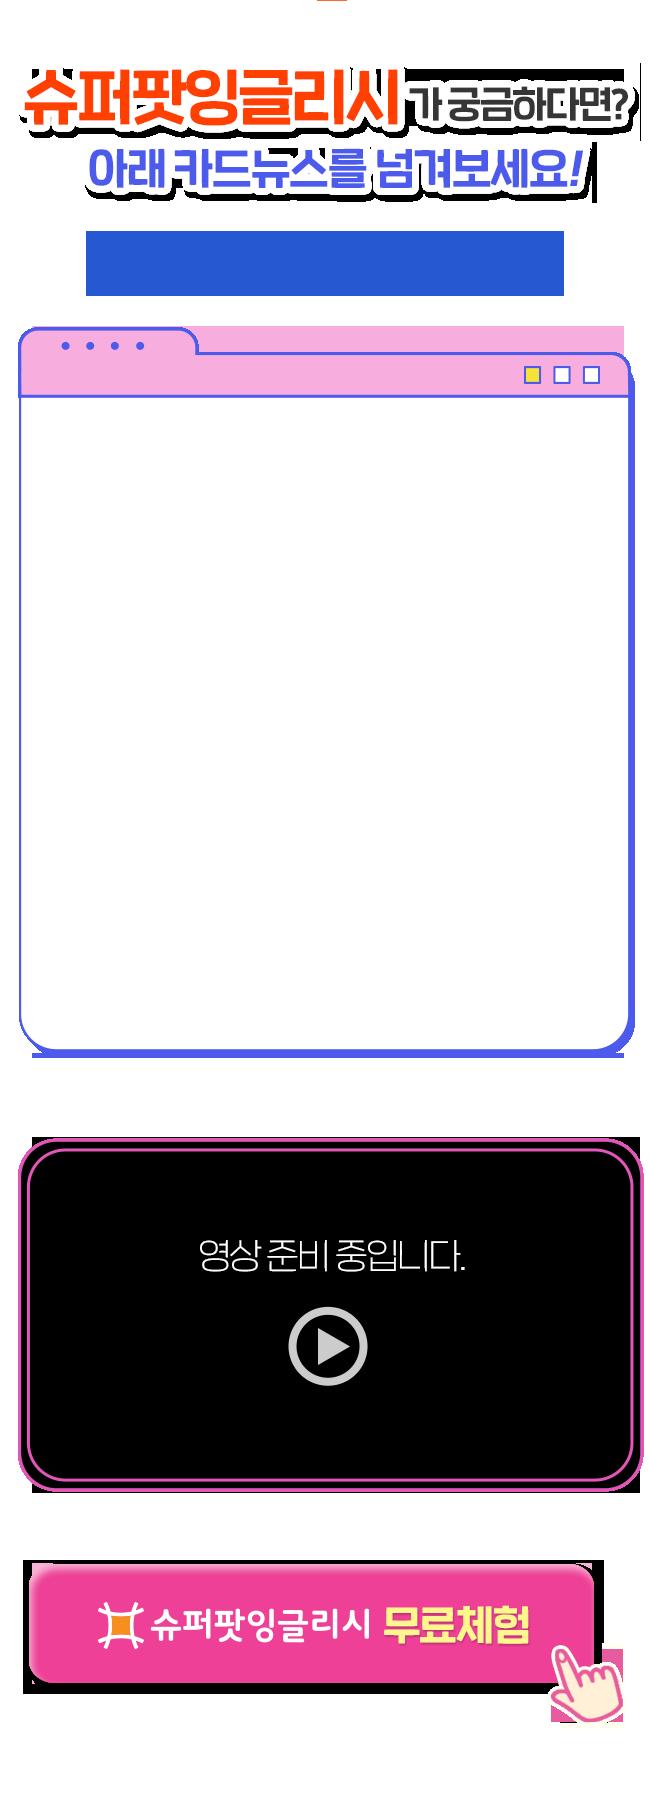 슈퍼팟잉글리시가 궁금하다면? 아래 카드뉴스를 넘겨보세요!